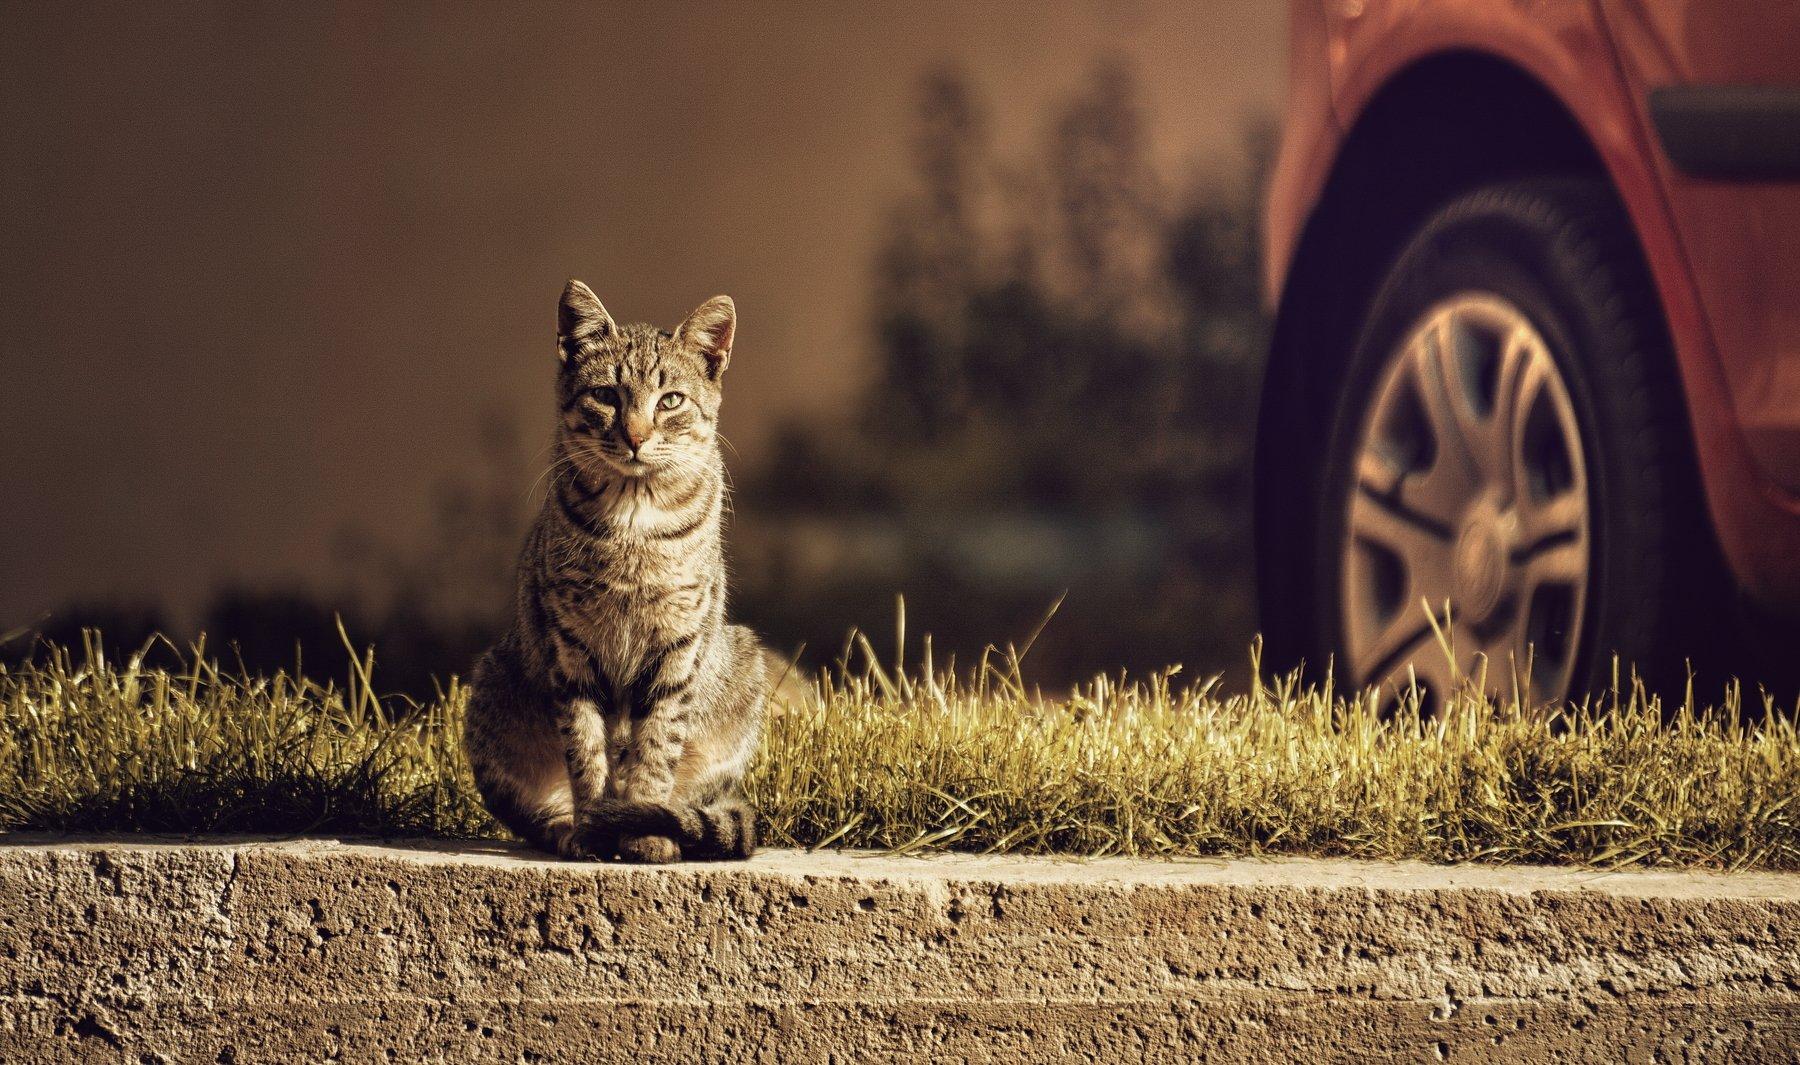 кот, коты, кошка, кошка, март, солнце, Vladimir Kedrov